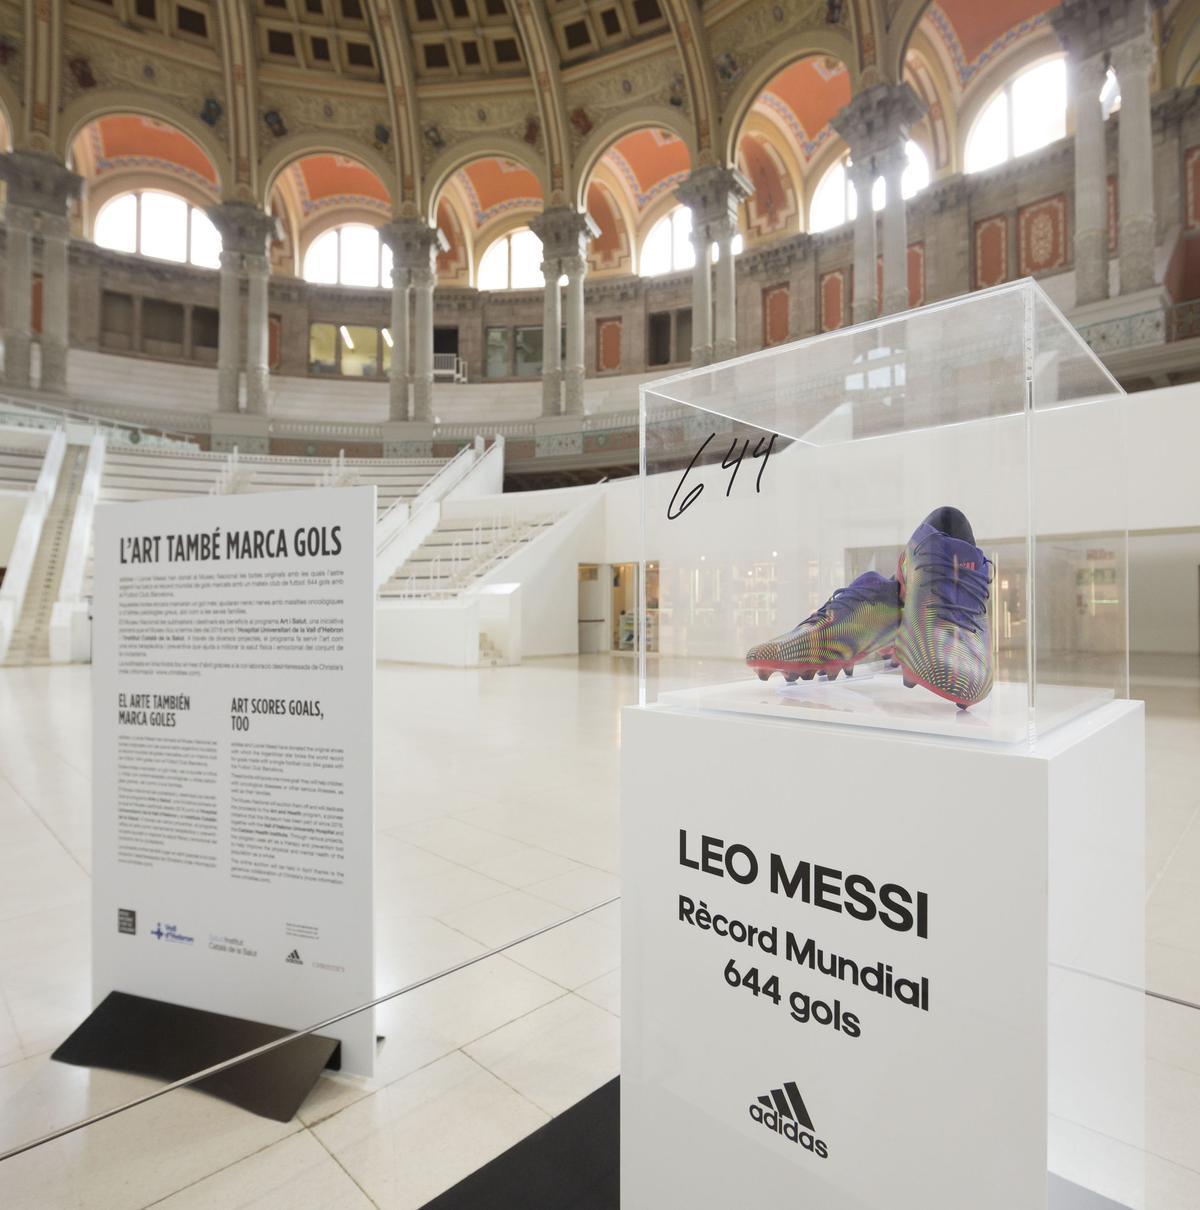 Les botes de Messi, una obra d'art digna del MNAC